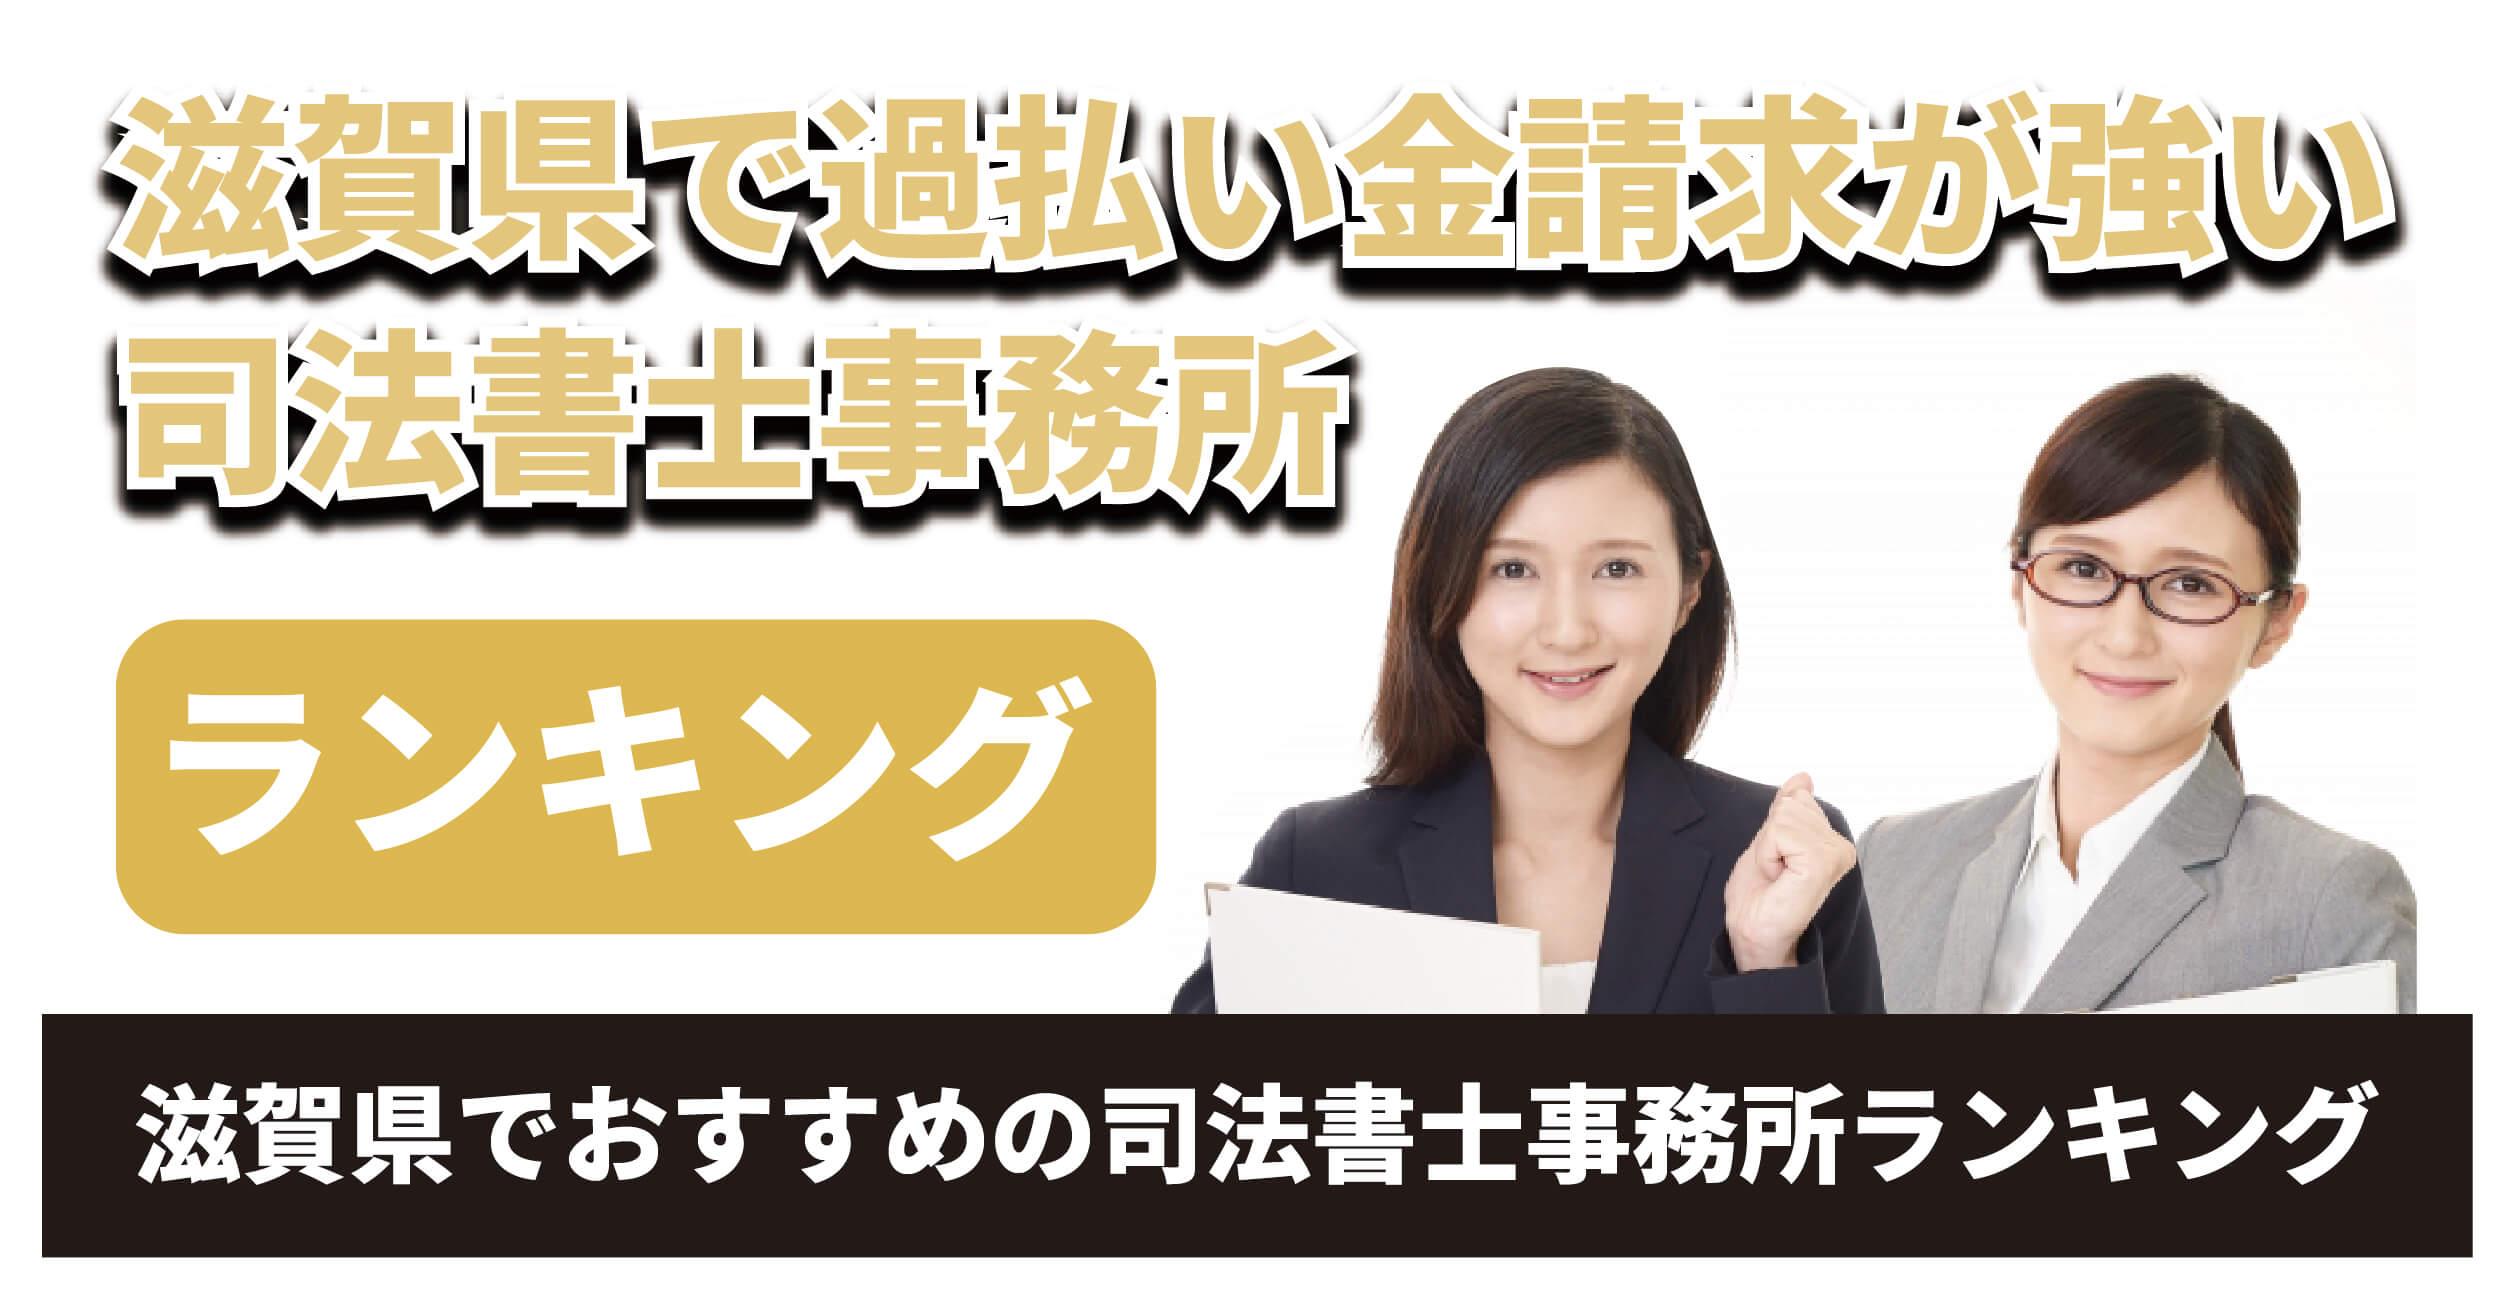 滋賀県で過払い金請求が強い司法書士は?